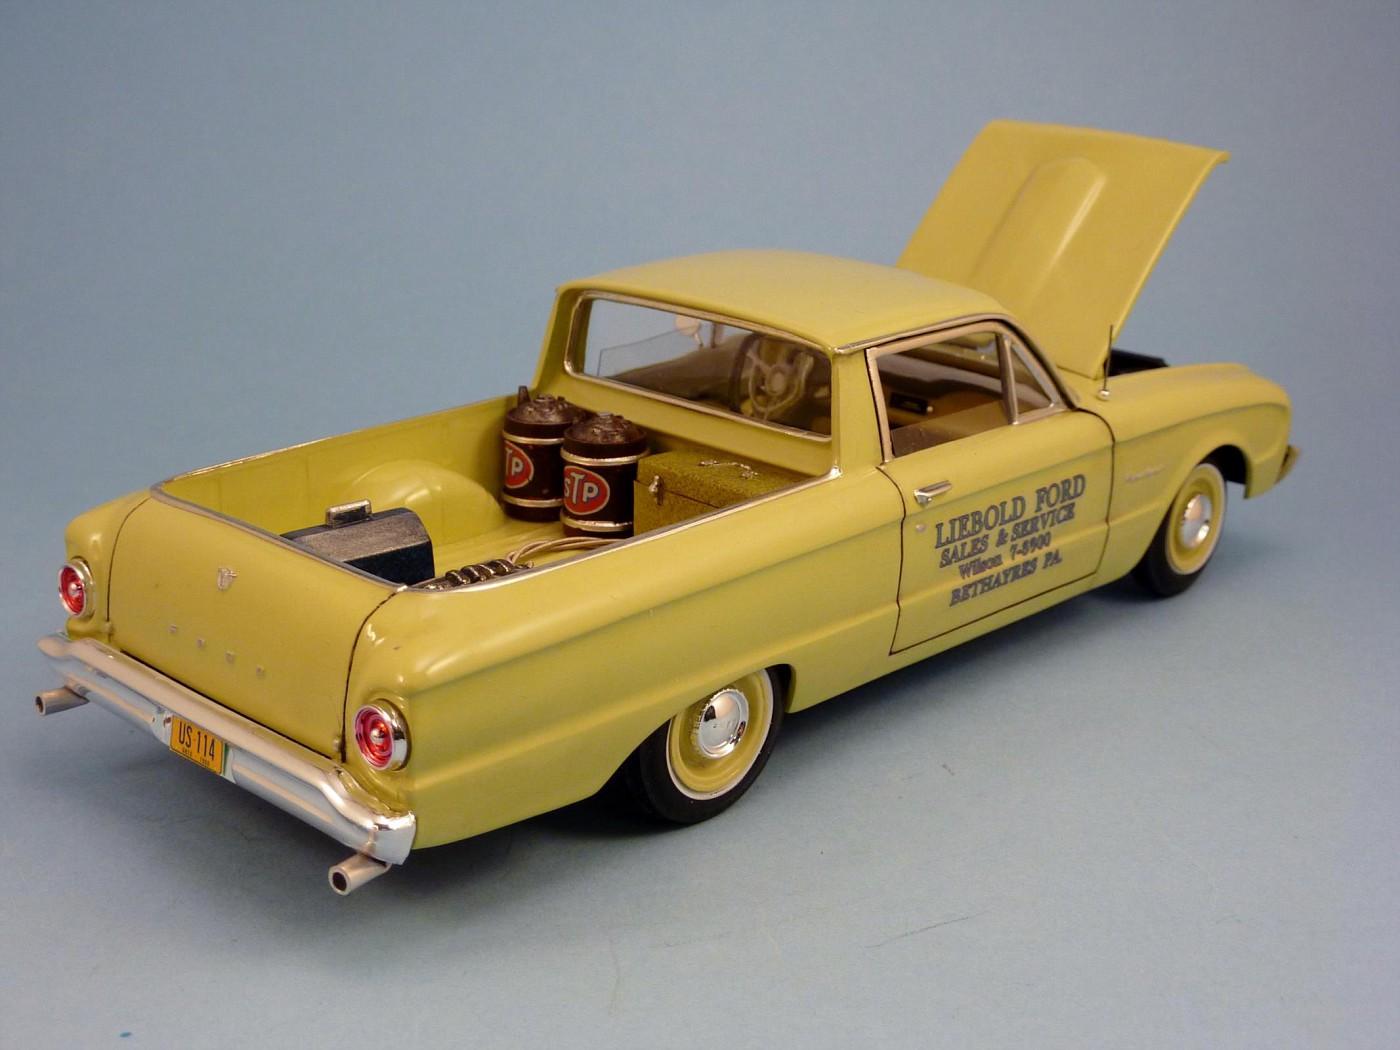 Van Chevy 75 (Vantasy) terminé - Page 5 Photo3-vi